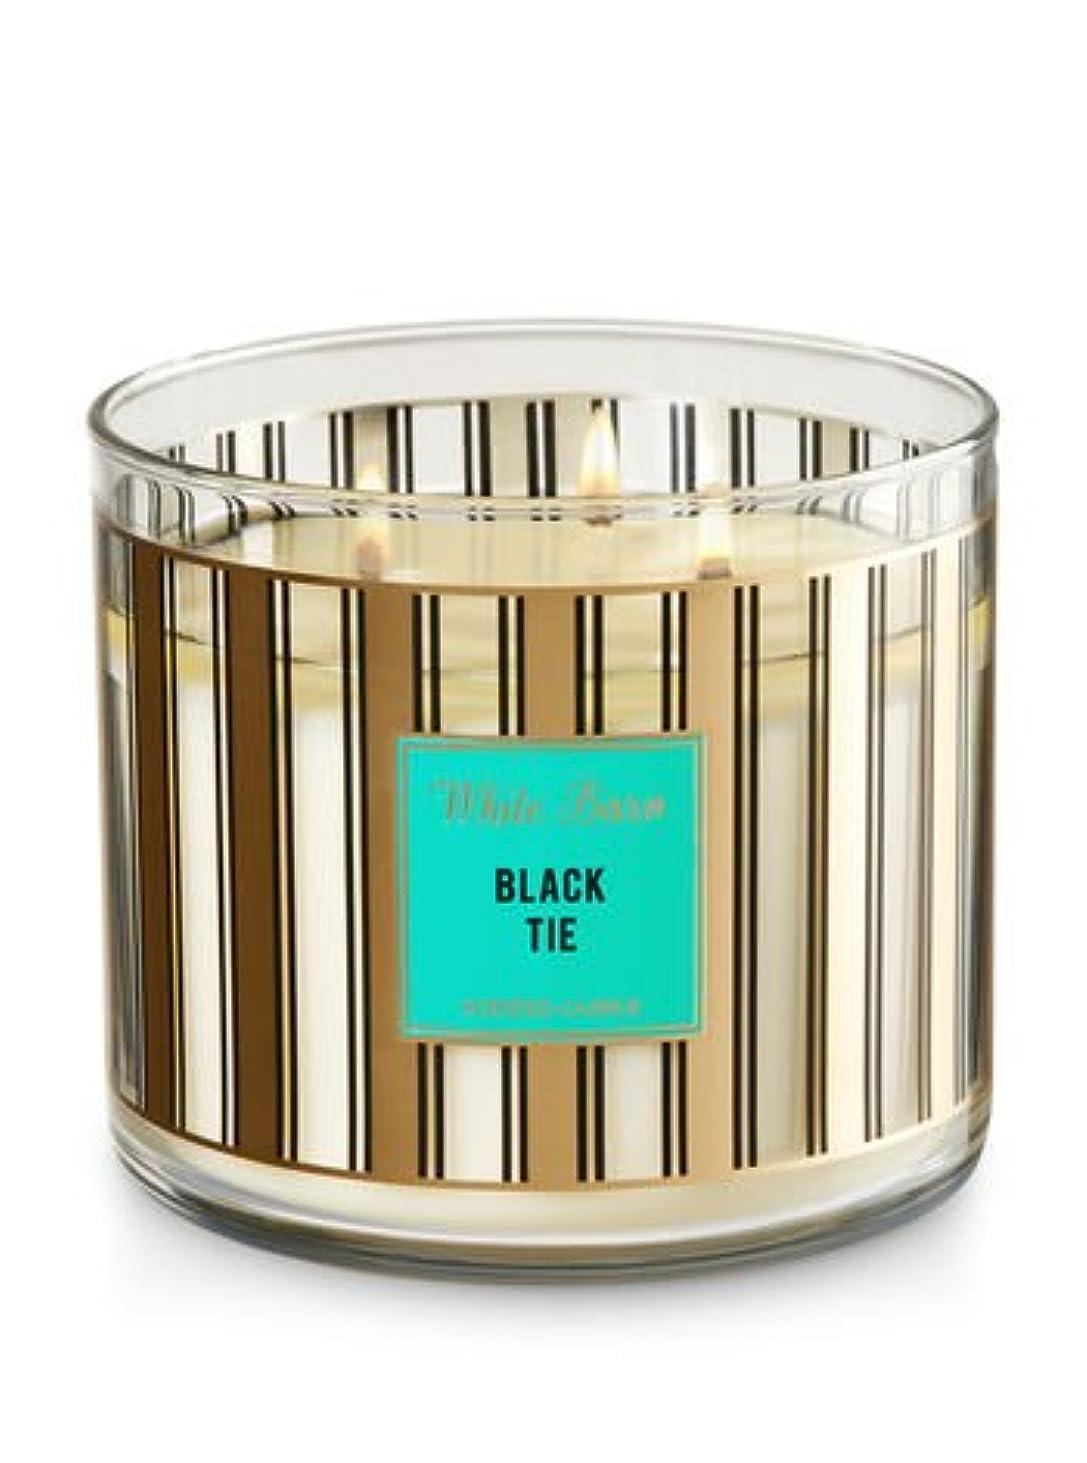 講堂夕方圧力Bath & Body Worksホワイトバーン3-wick Candle inブラックタイ